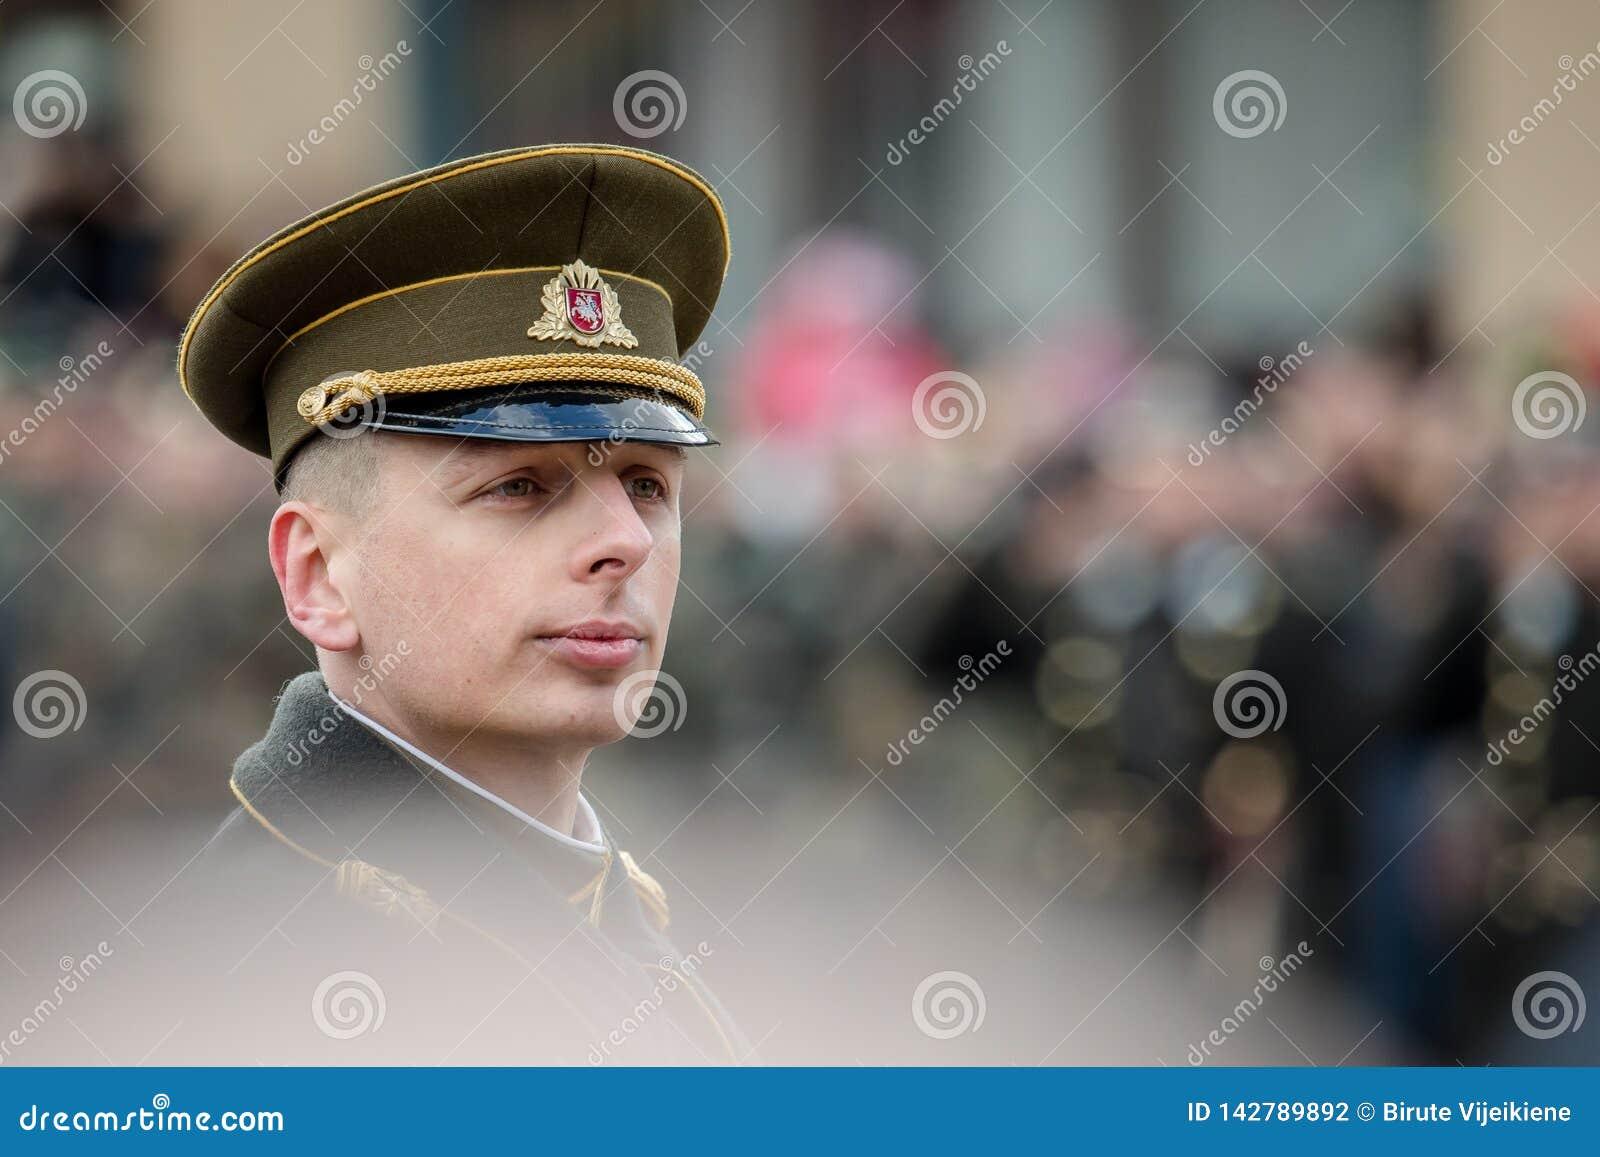 Dag av återställande av självständighet av Litauen